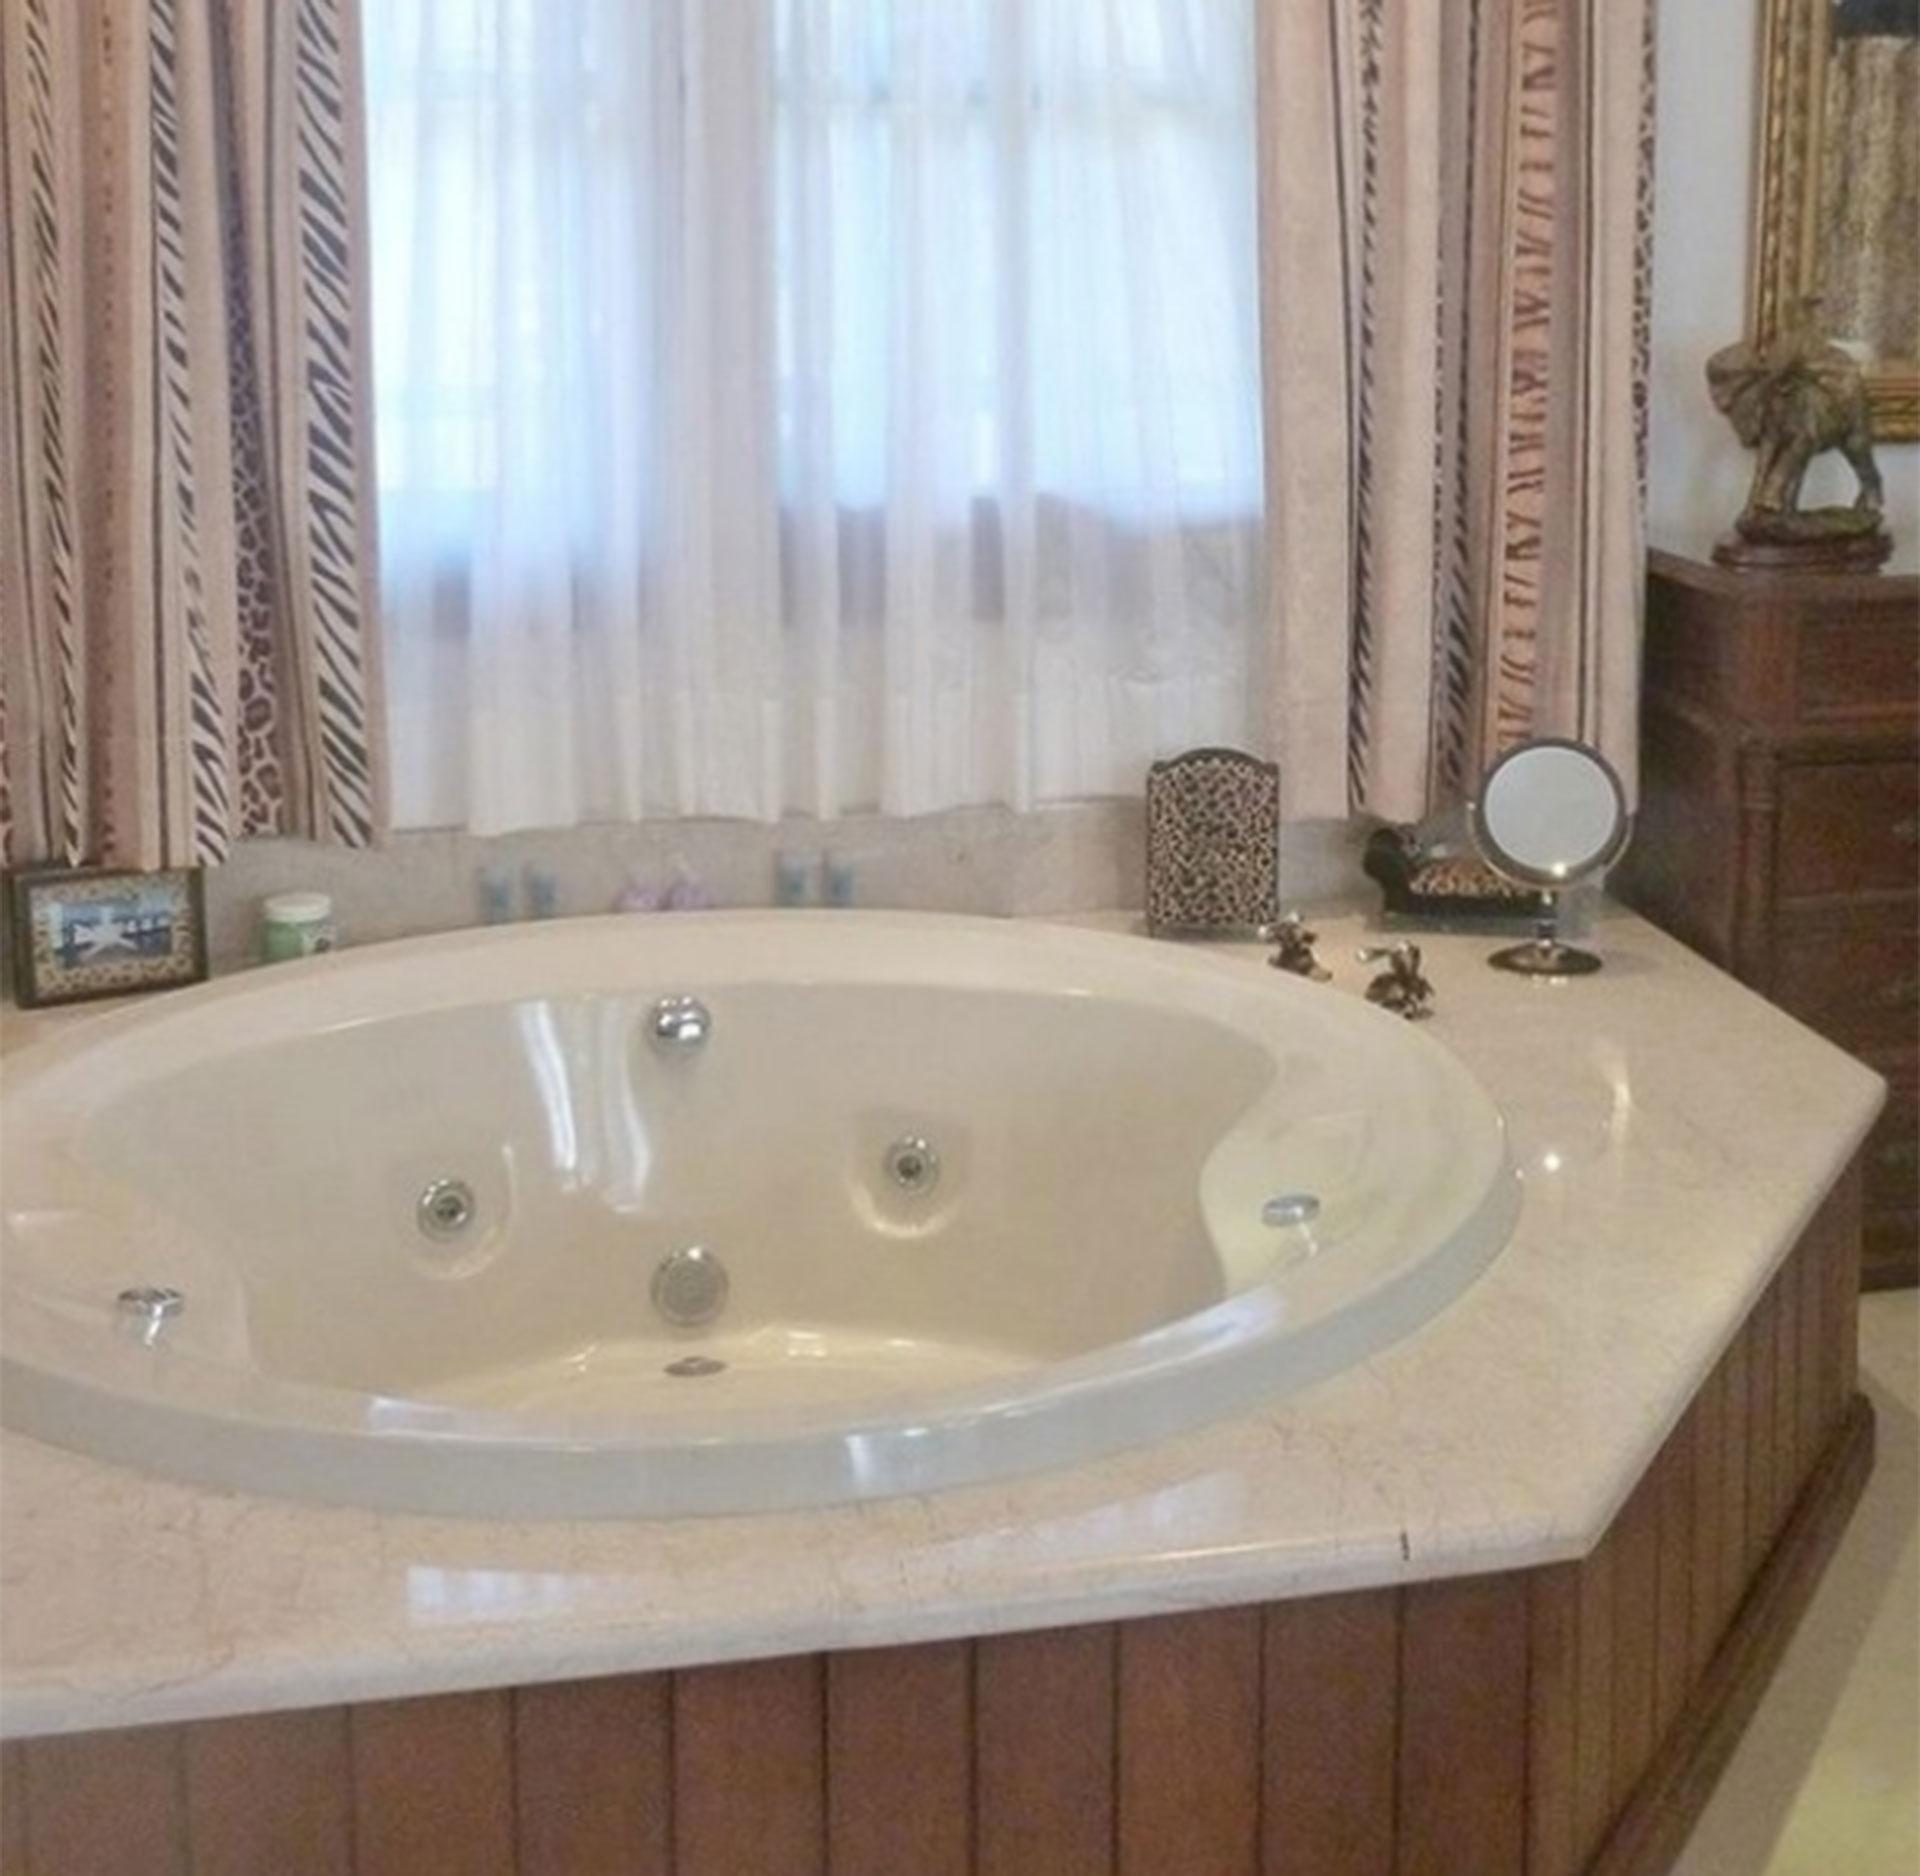 La mansión cuenta con diez baños con ducha escocesa, sauna e hidromasaje